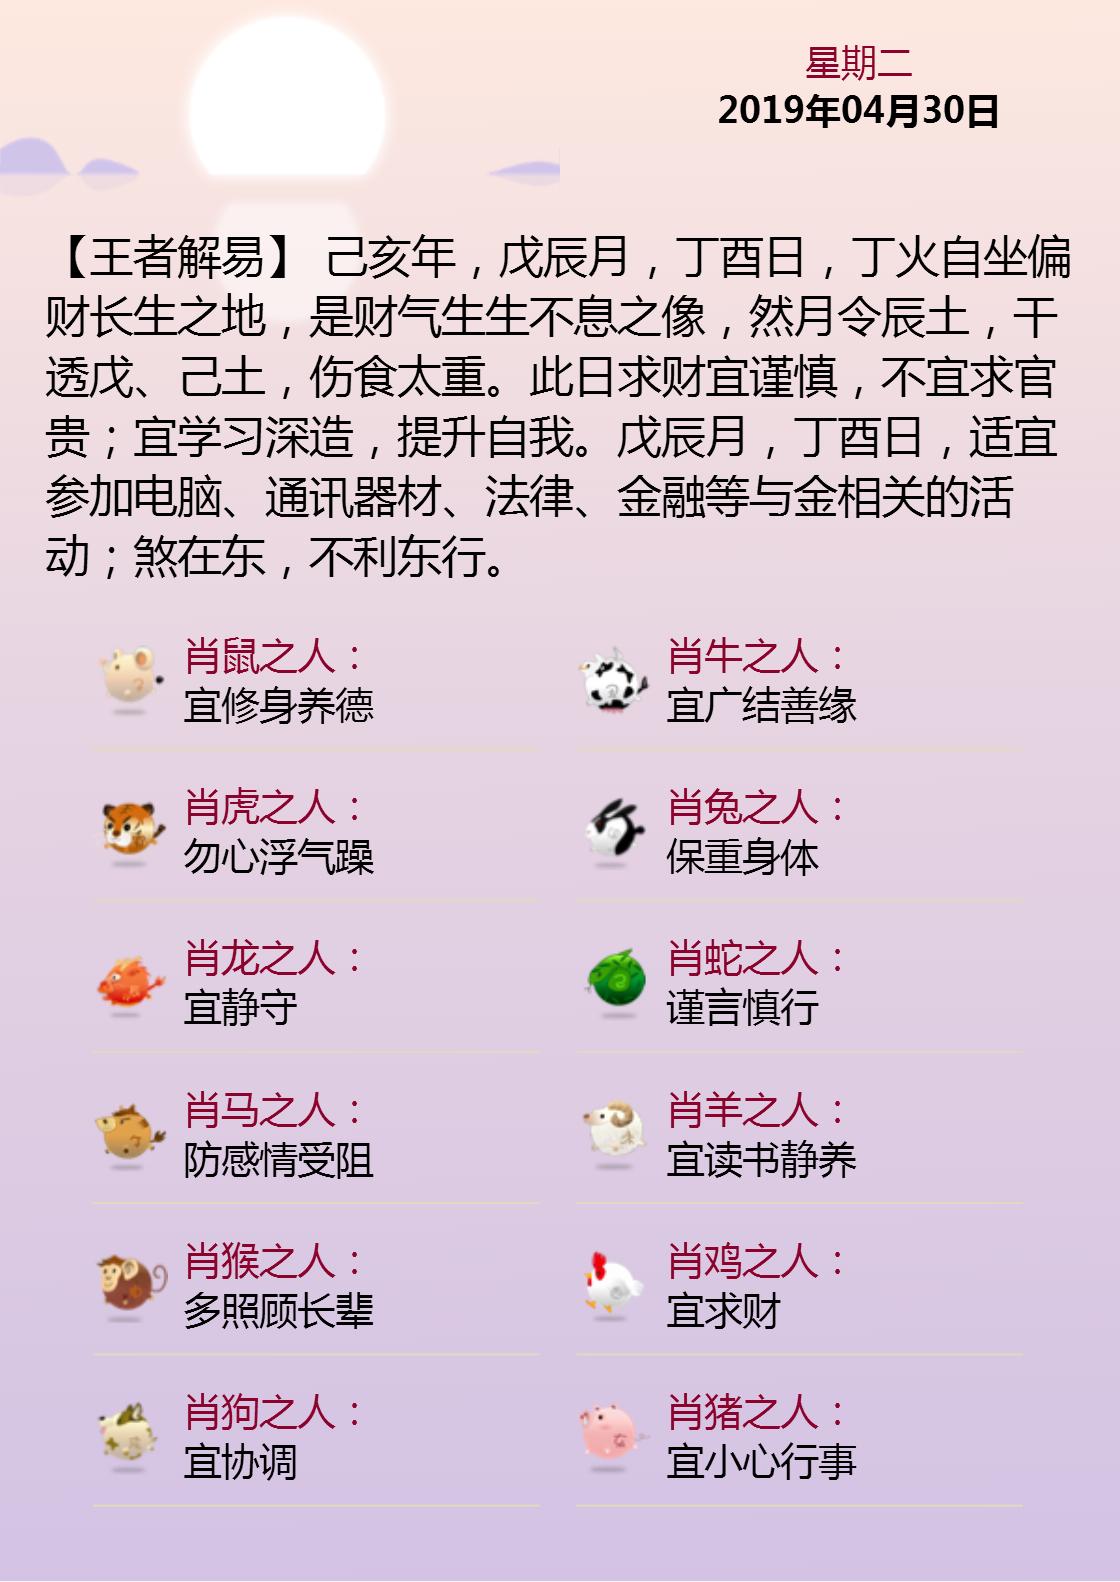 黄历海报20190430.png